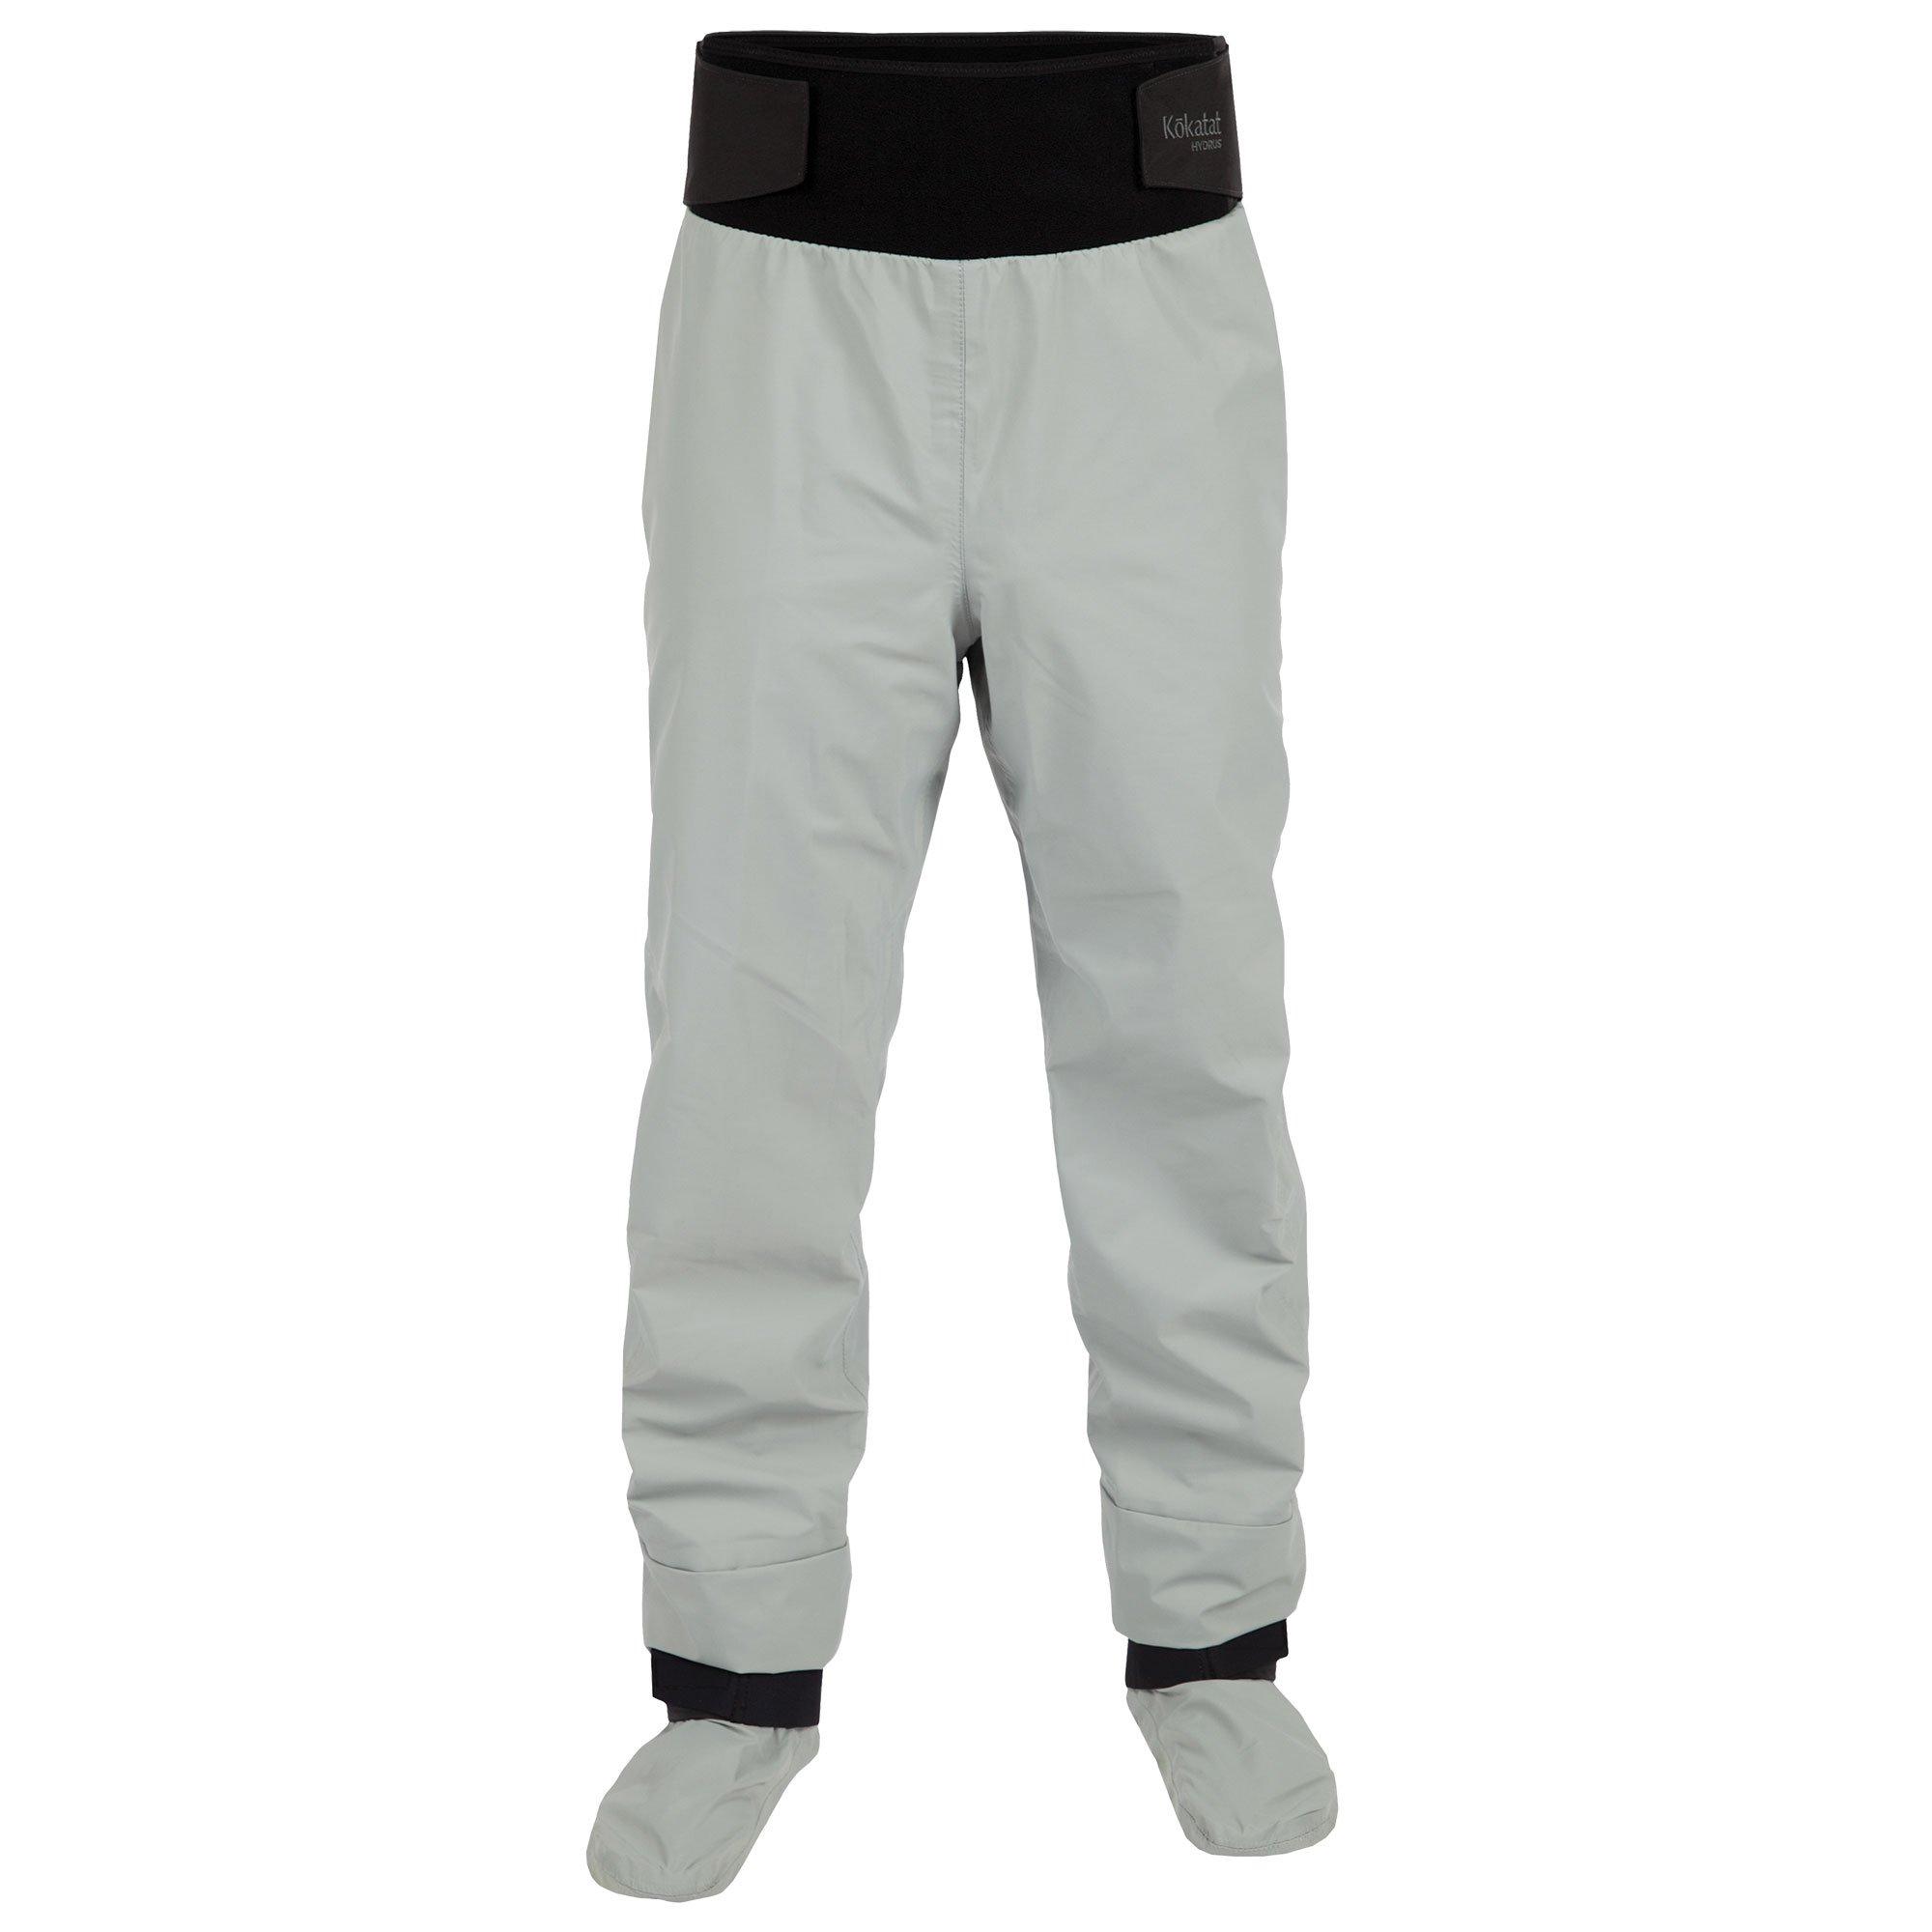 Kokatat Men's Hydrus Tempest Pants w/Socks-LightGray-S